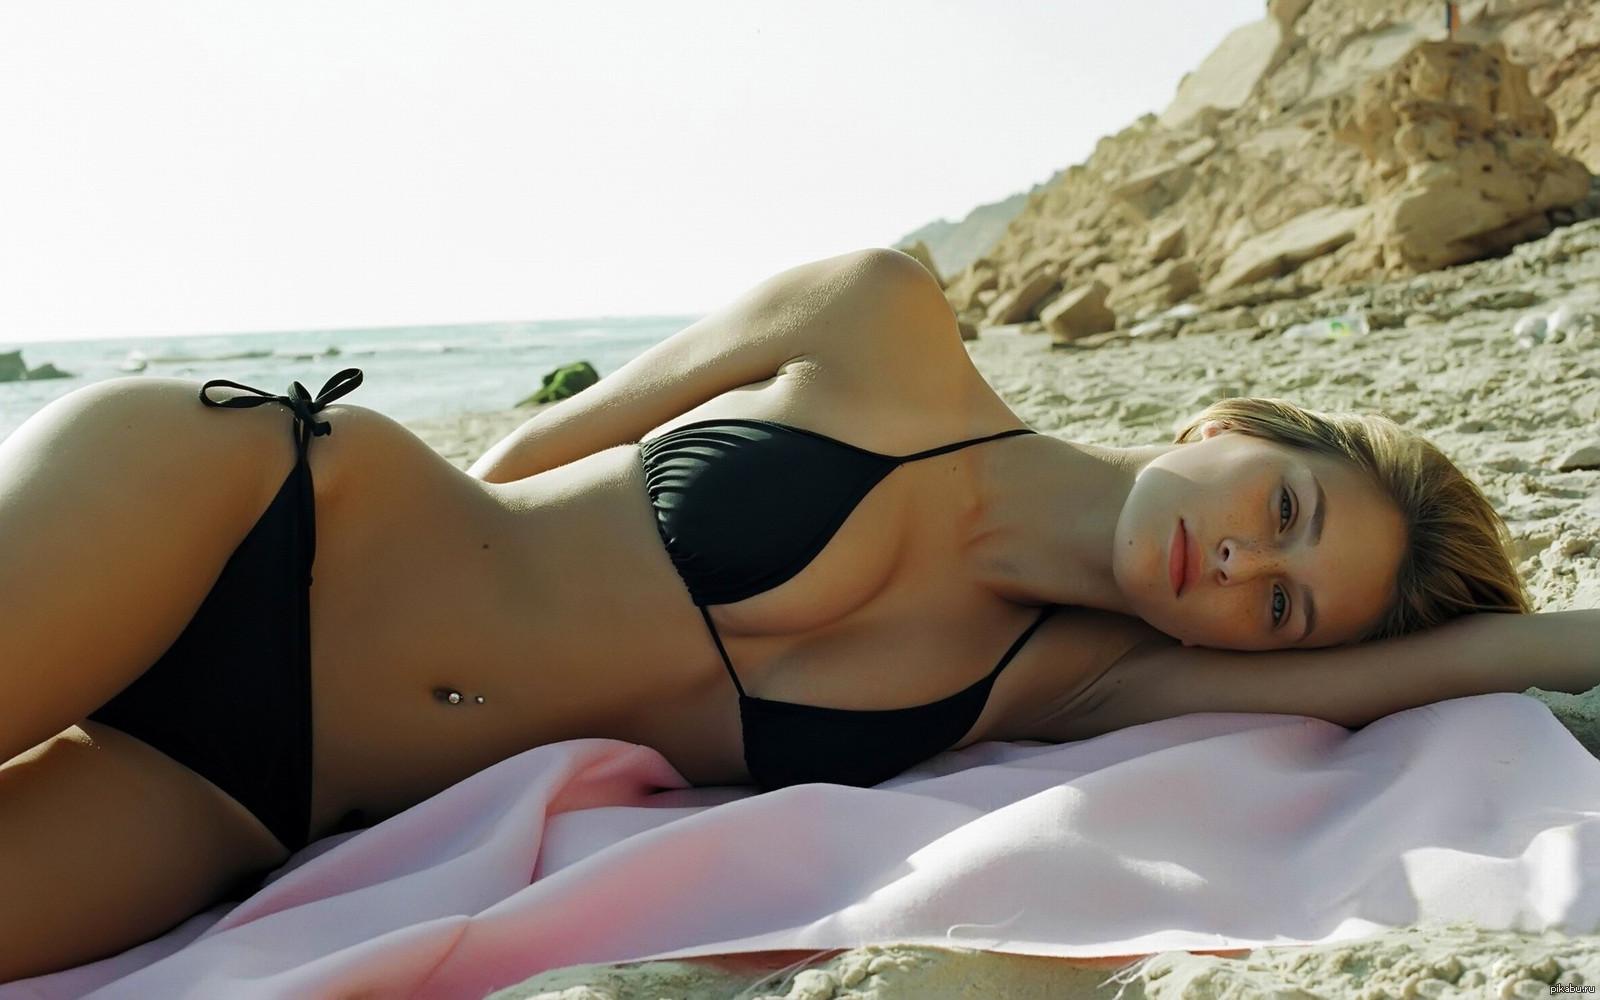 Сиповки смотреть бесплатно, Сиповка ебля: порно видео онлайн, смотреть порно на 13 фотография